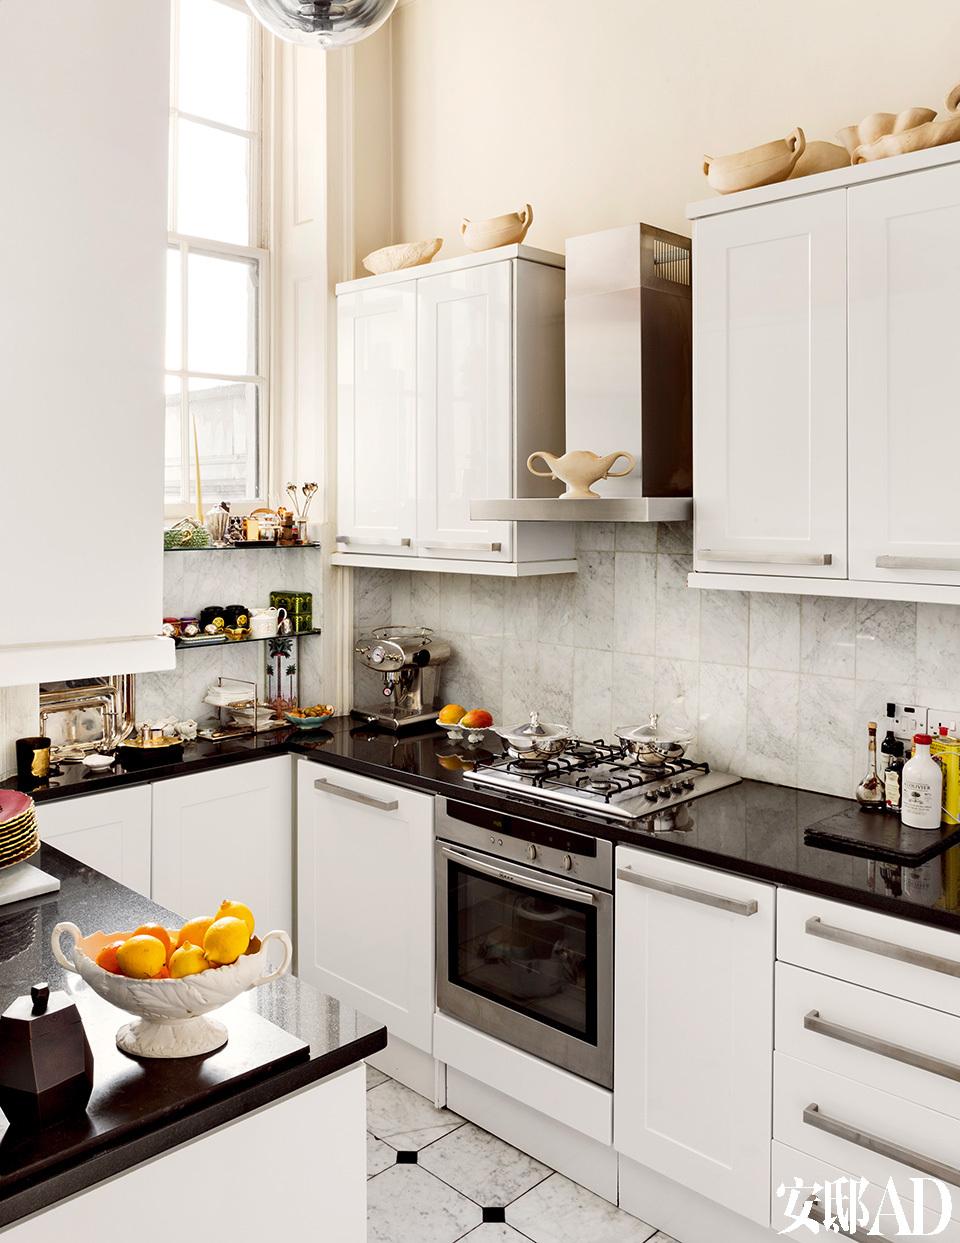 厨房天花板上悬挂着Tom Dixon设计的吊灯,橱柜上的瓶瓶罐罐均来自Constance Spruy。